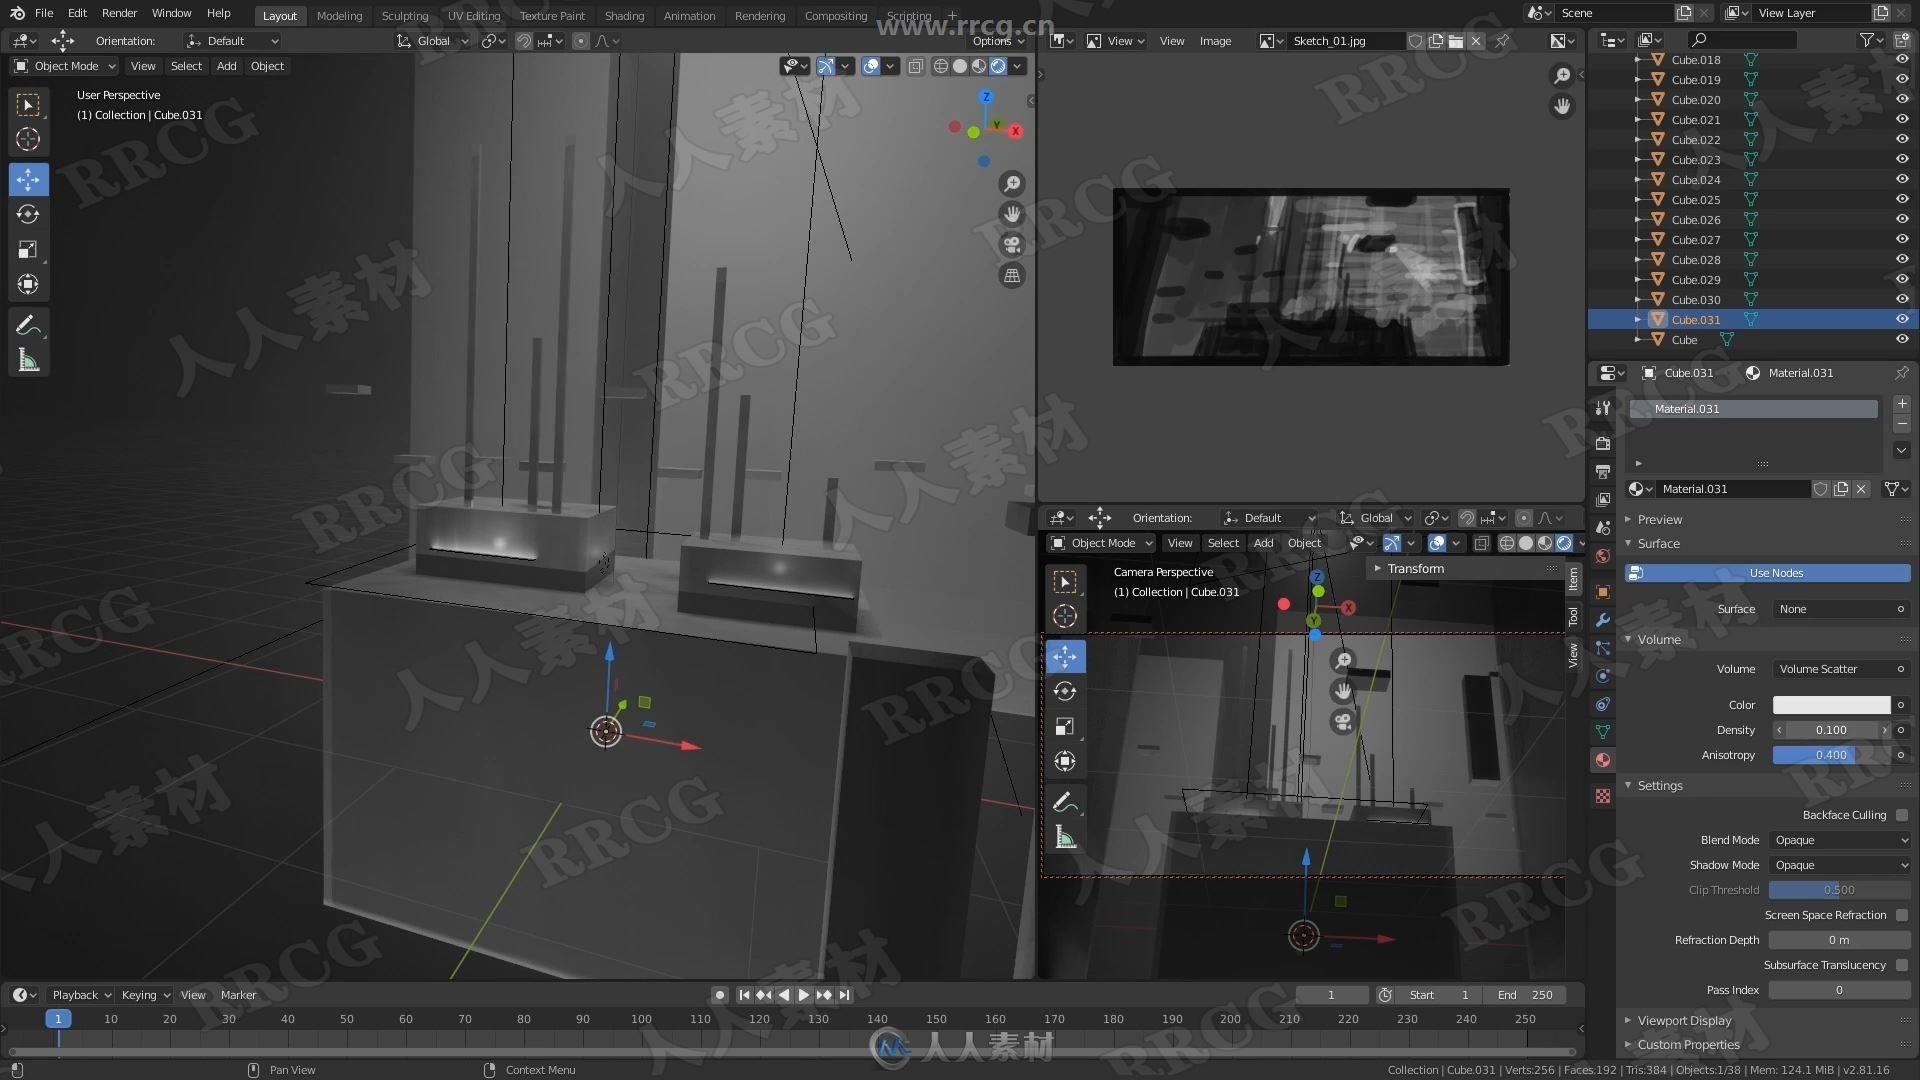 概念艺术深度设计全流程大师级视频教程